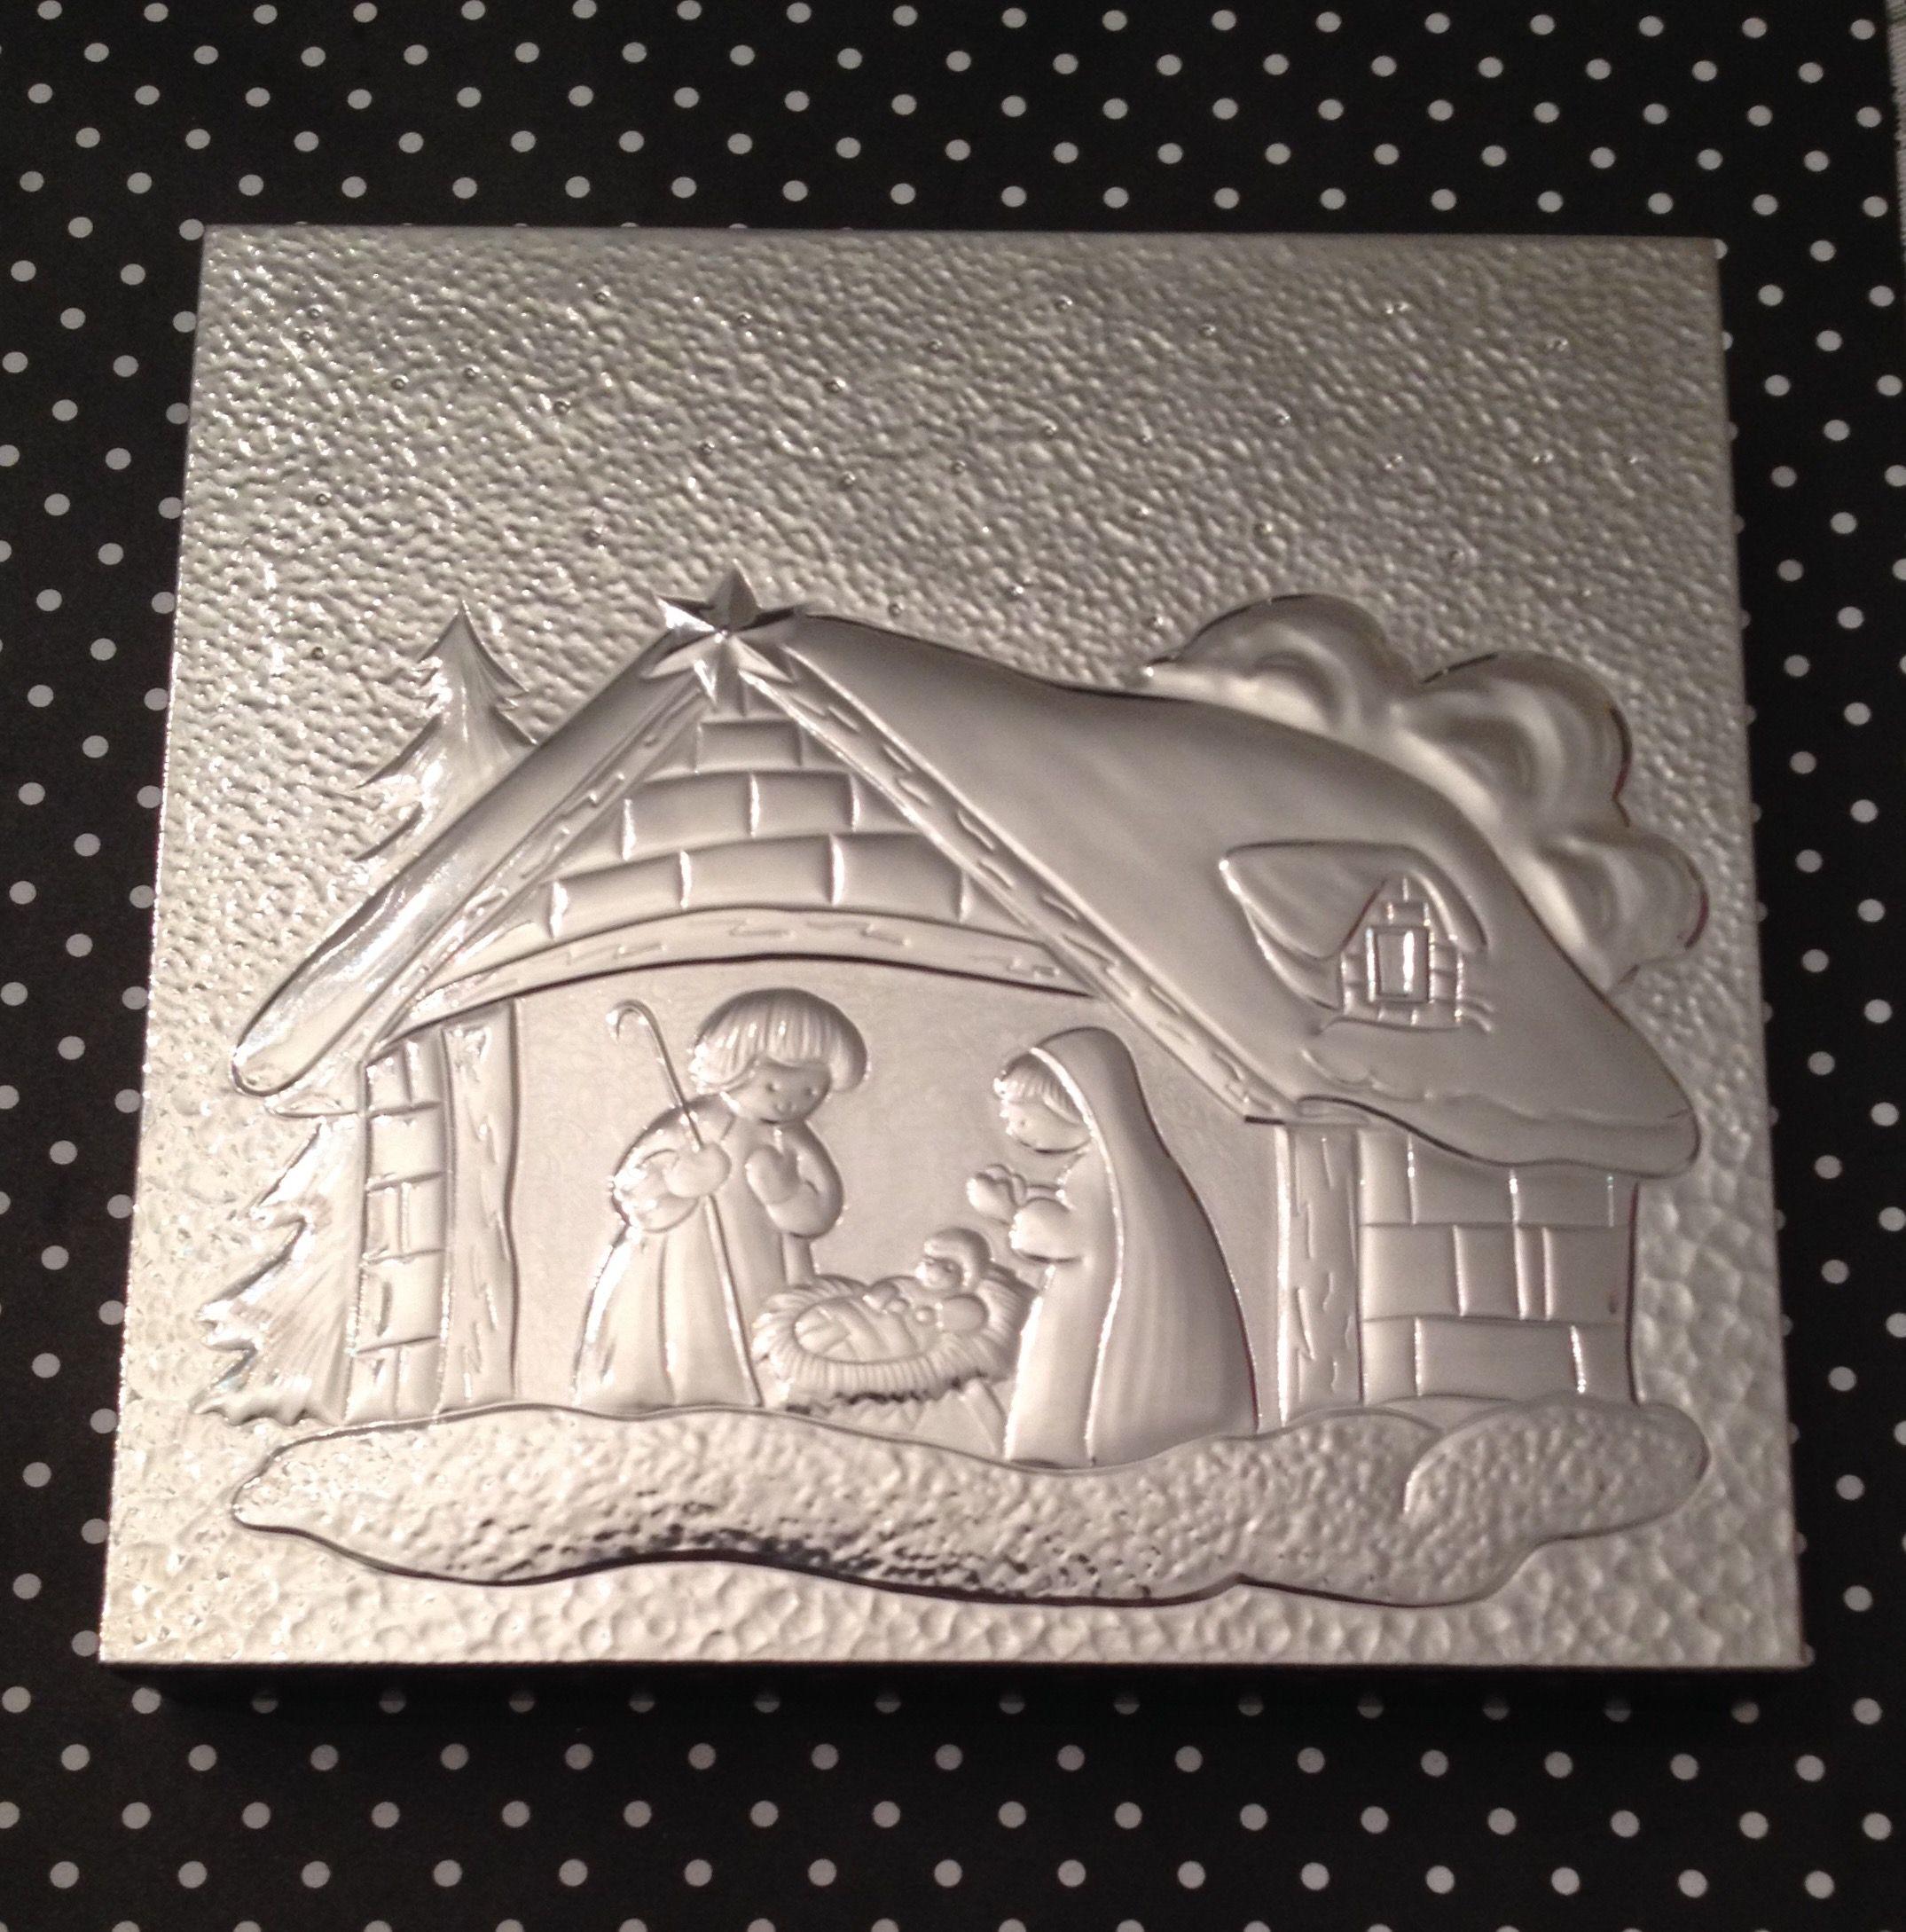 Repujado En Aluminio Pieza Hecha A Mano Por Graciela M Aluminum Foil Art Metal Embossing Tin Foil Art